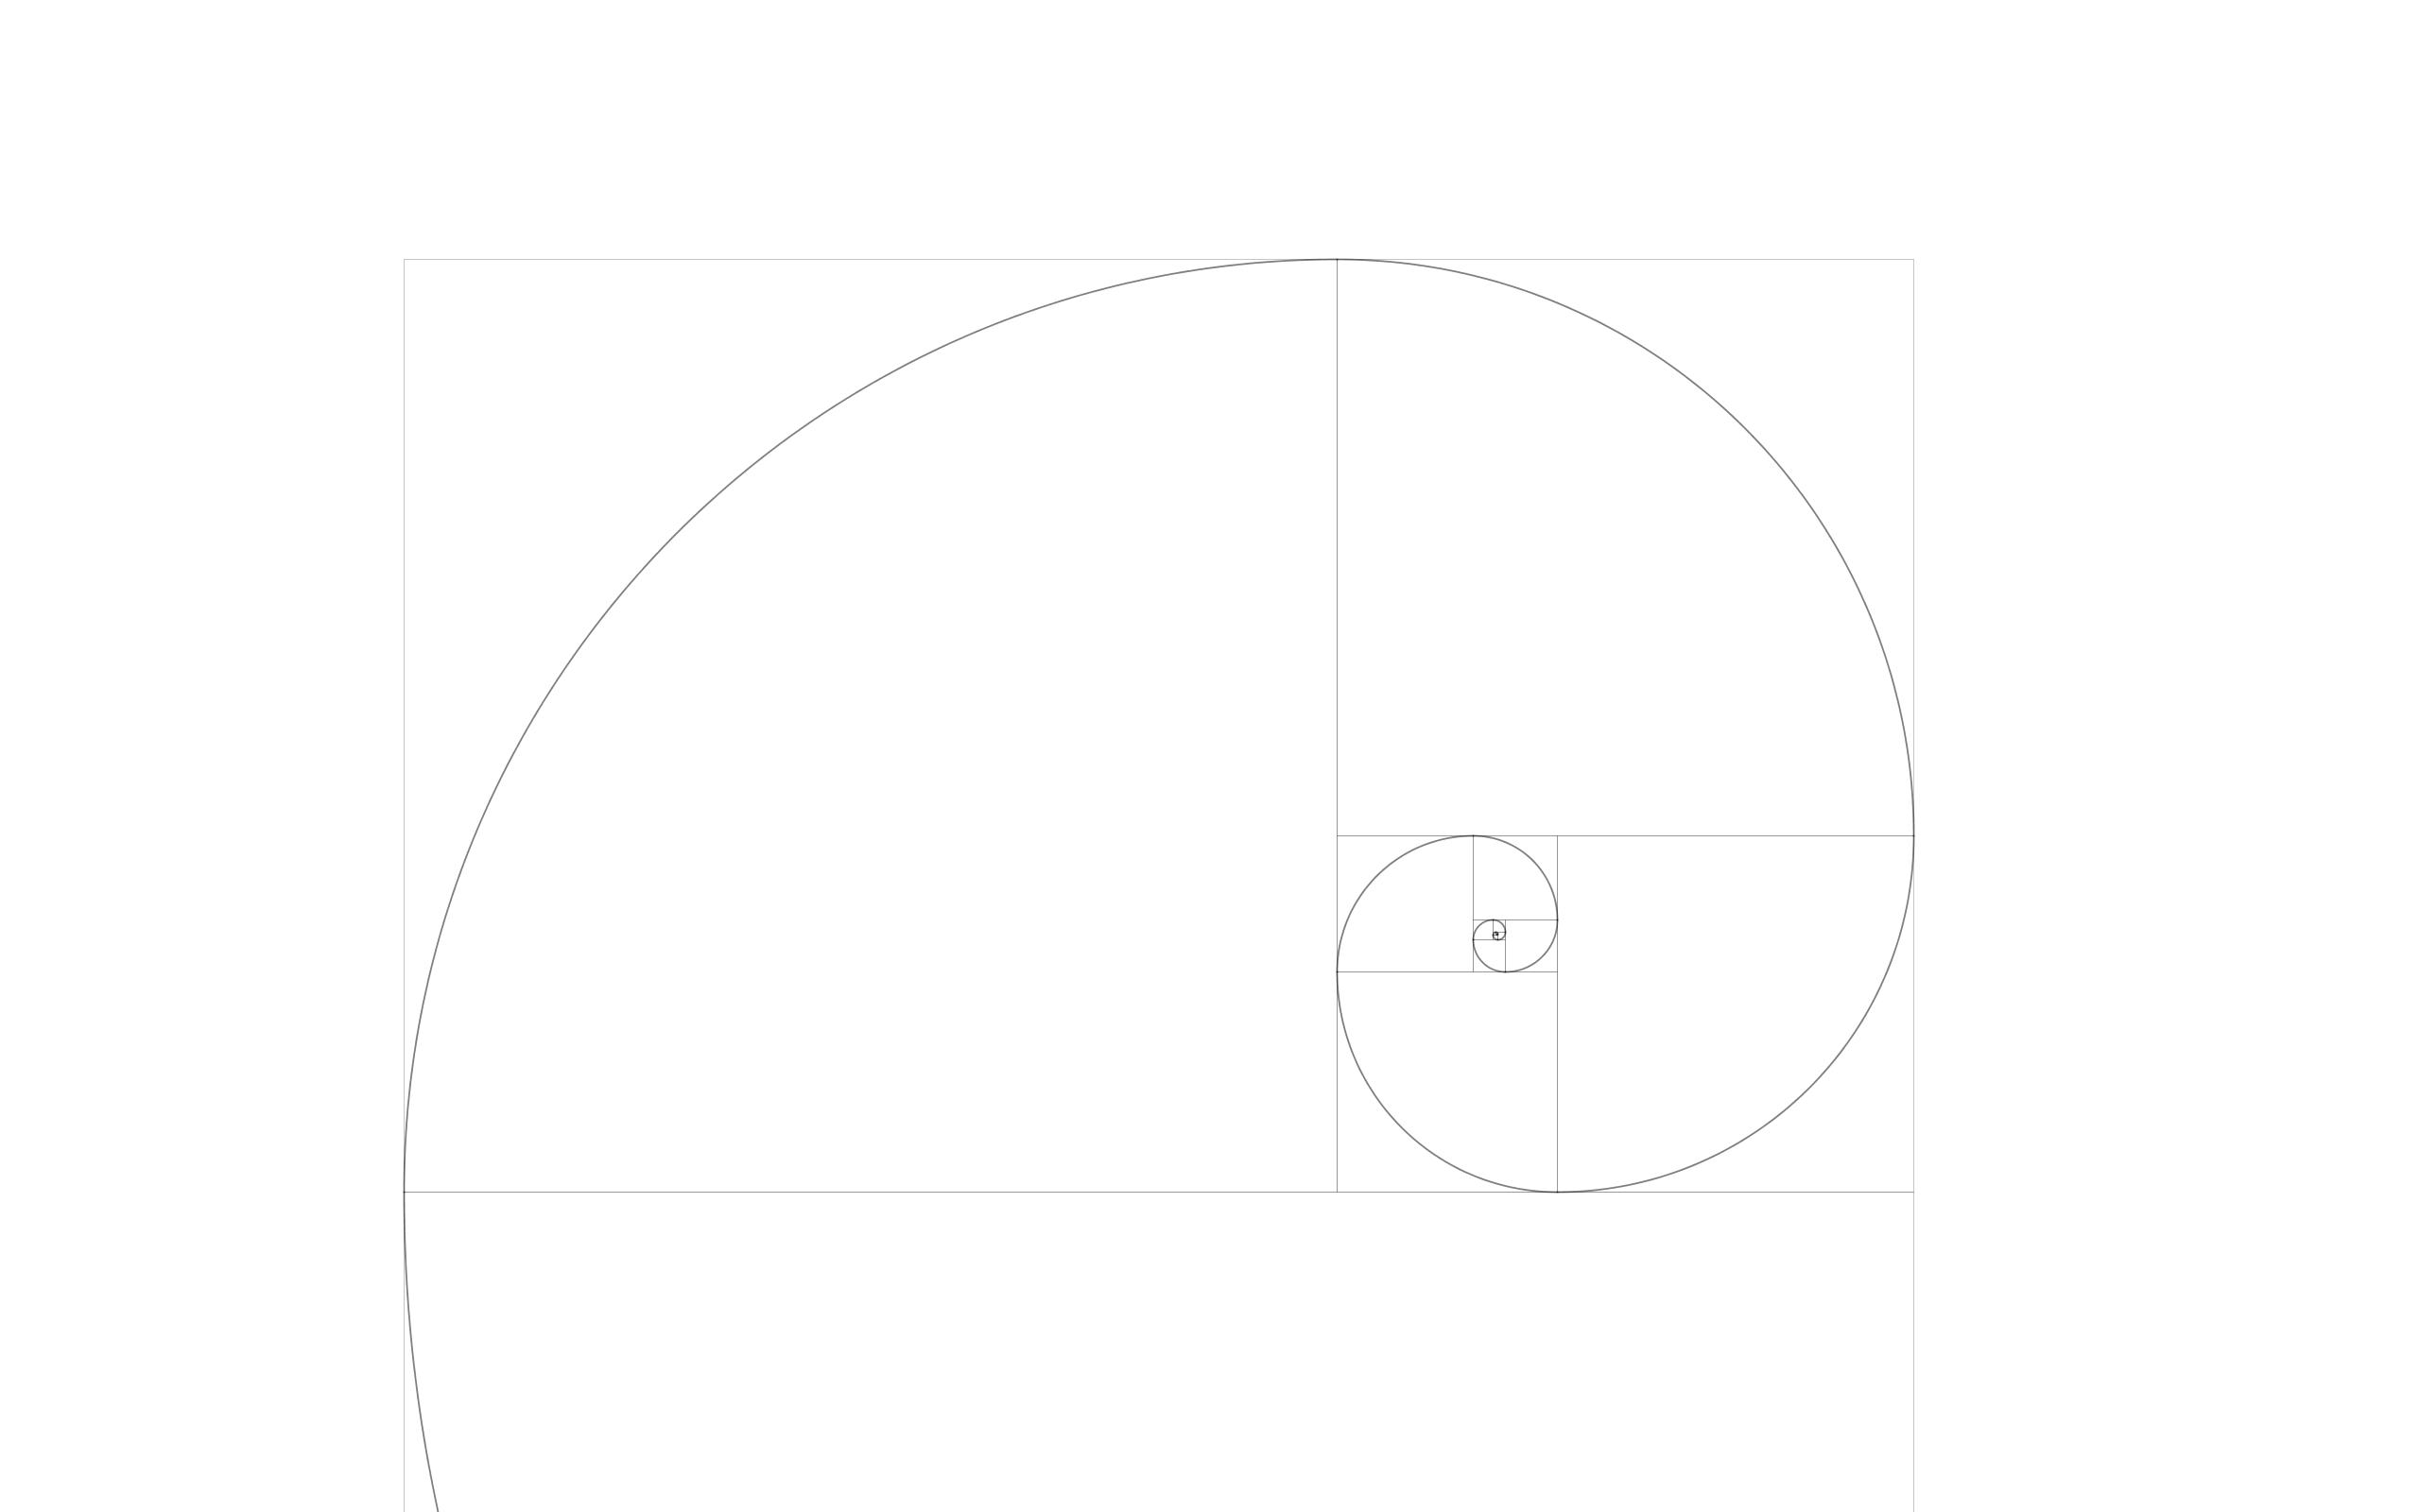 fibonacci.png (PNG Image, 2560x1600 pixels)